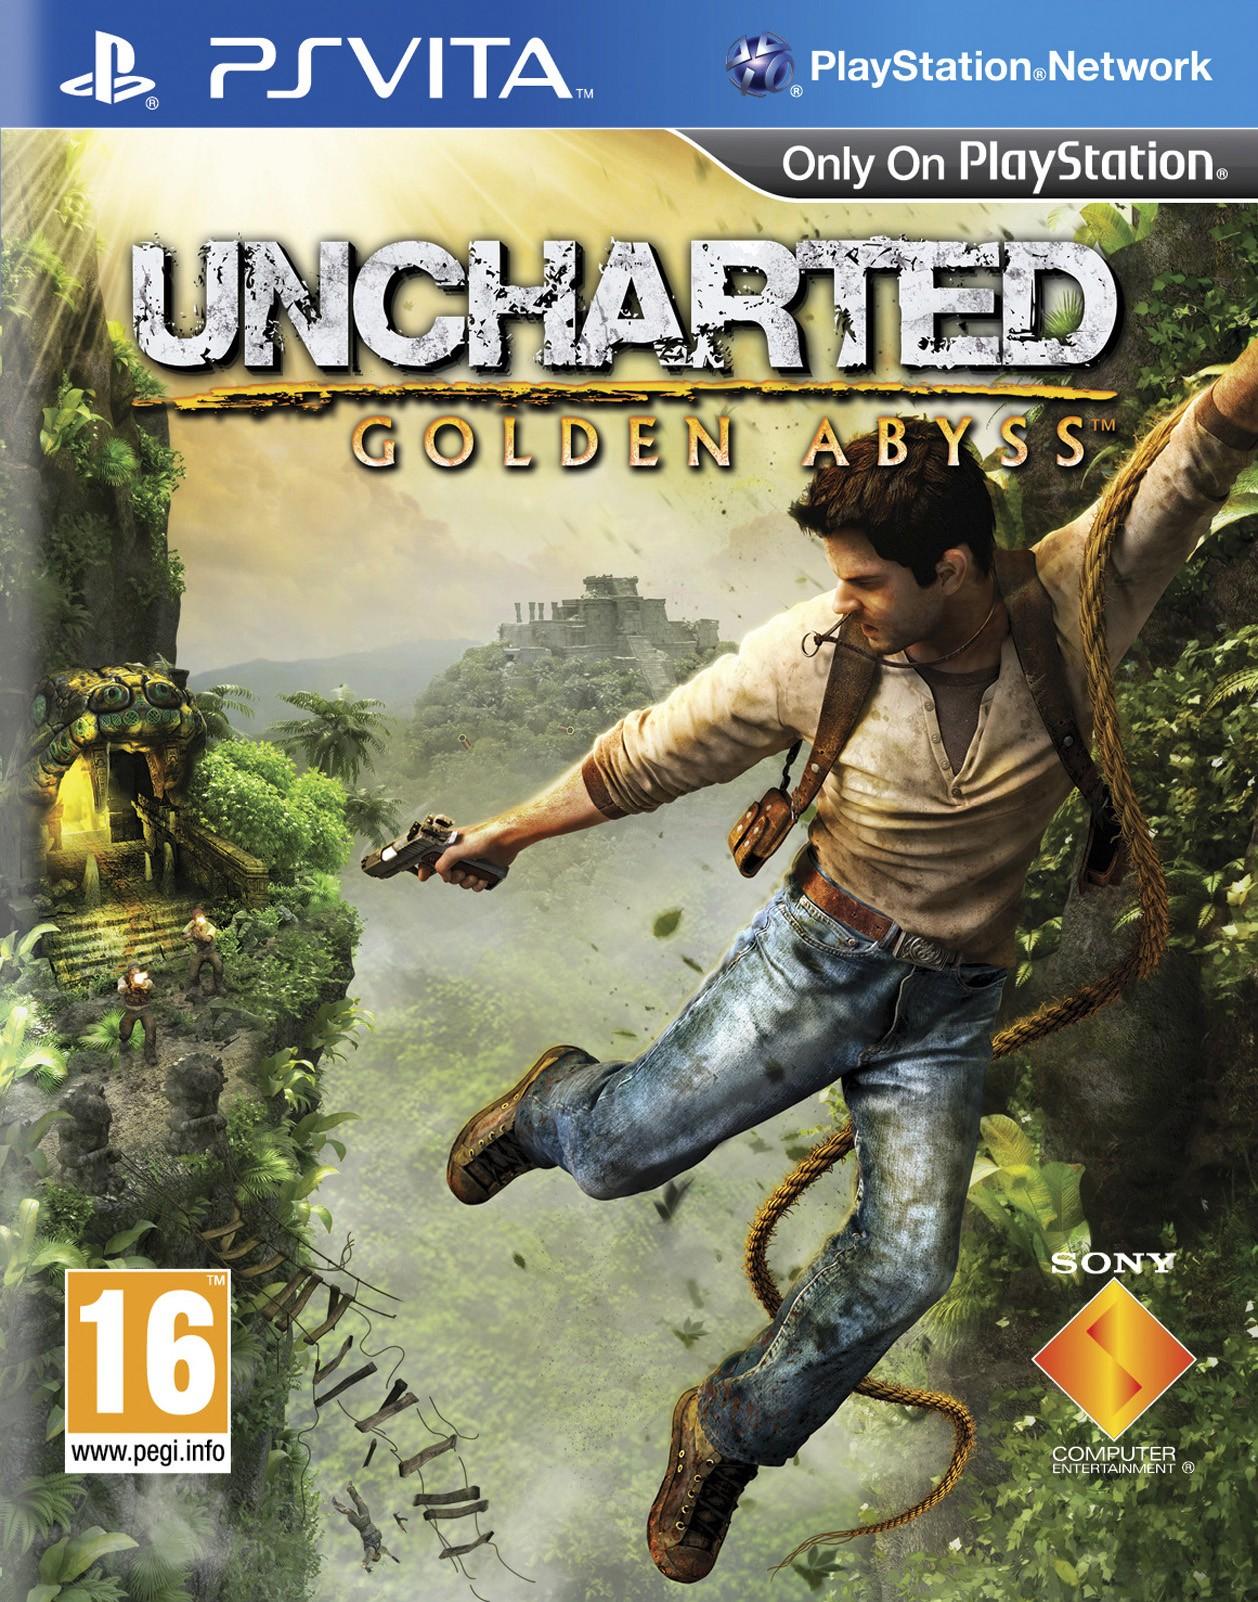 Uncharted Golden Abyss für Playstation Vita ohne PS+ Mitgliedschaft für 7,99